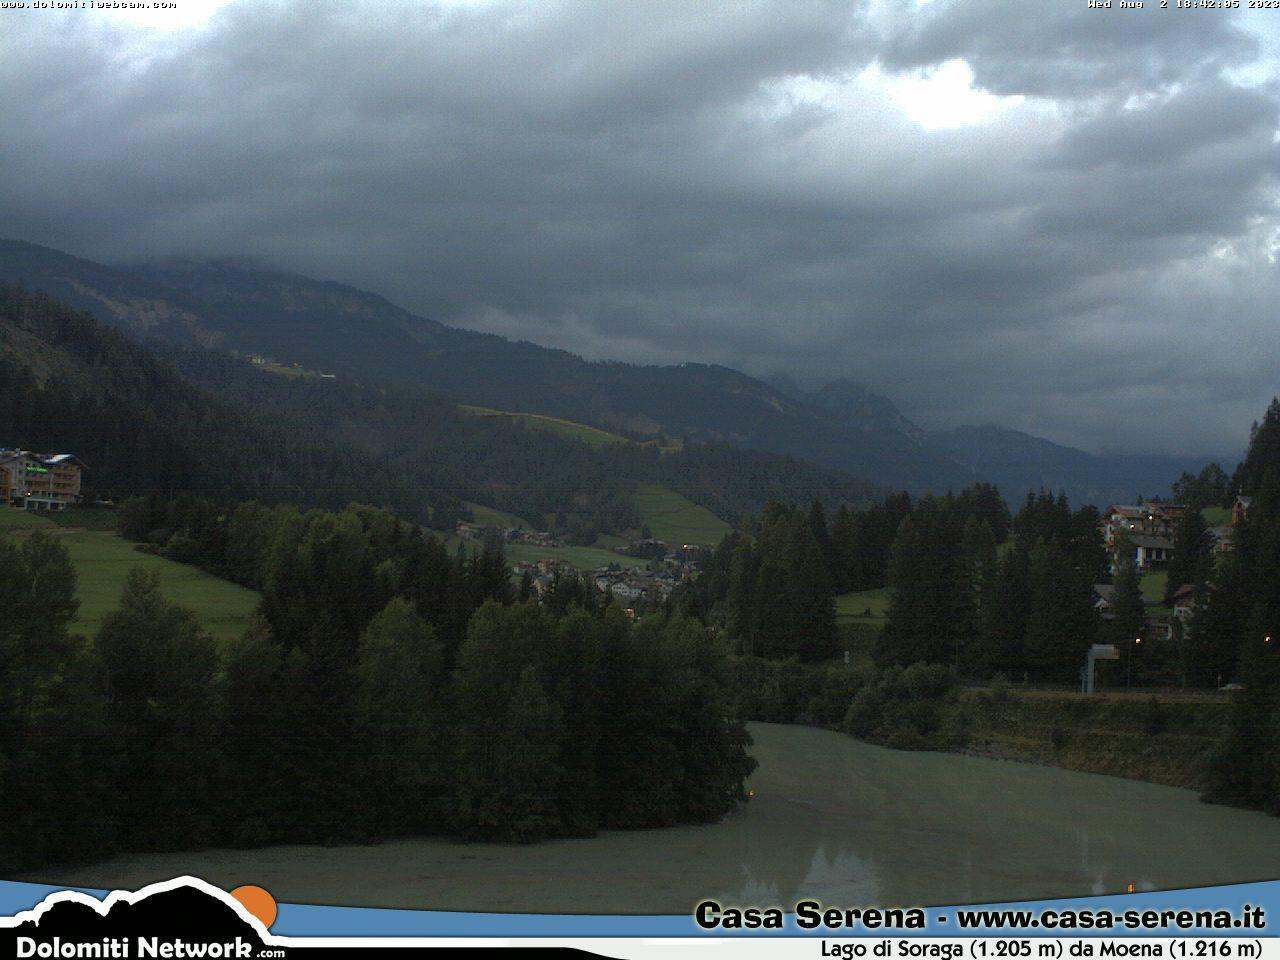 Webcam Meteo Soraga di Fassa